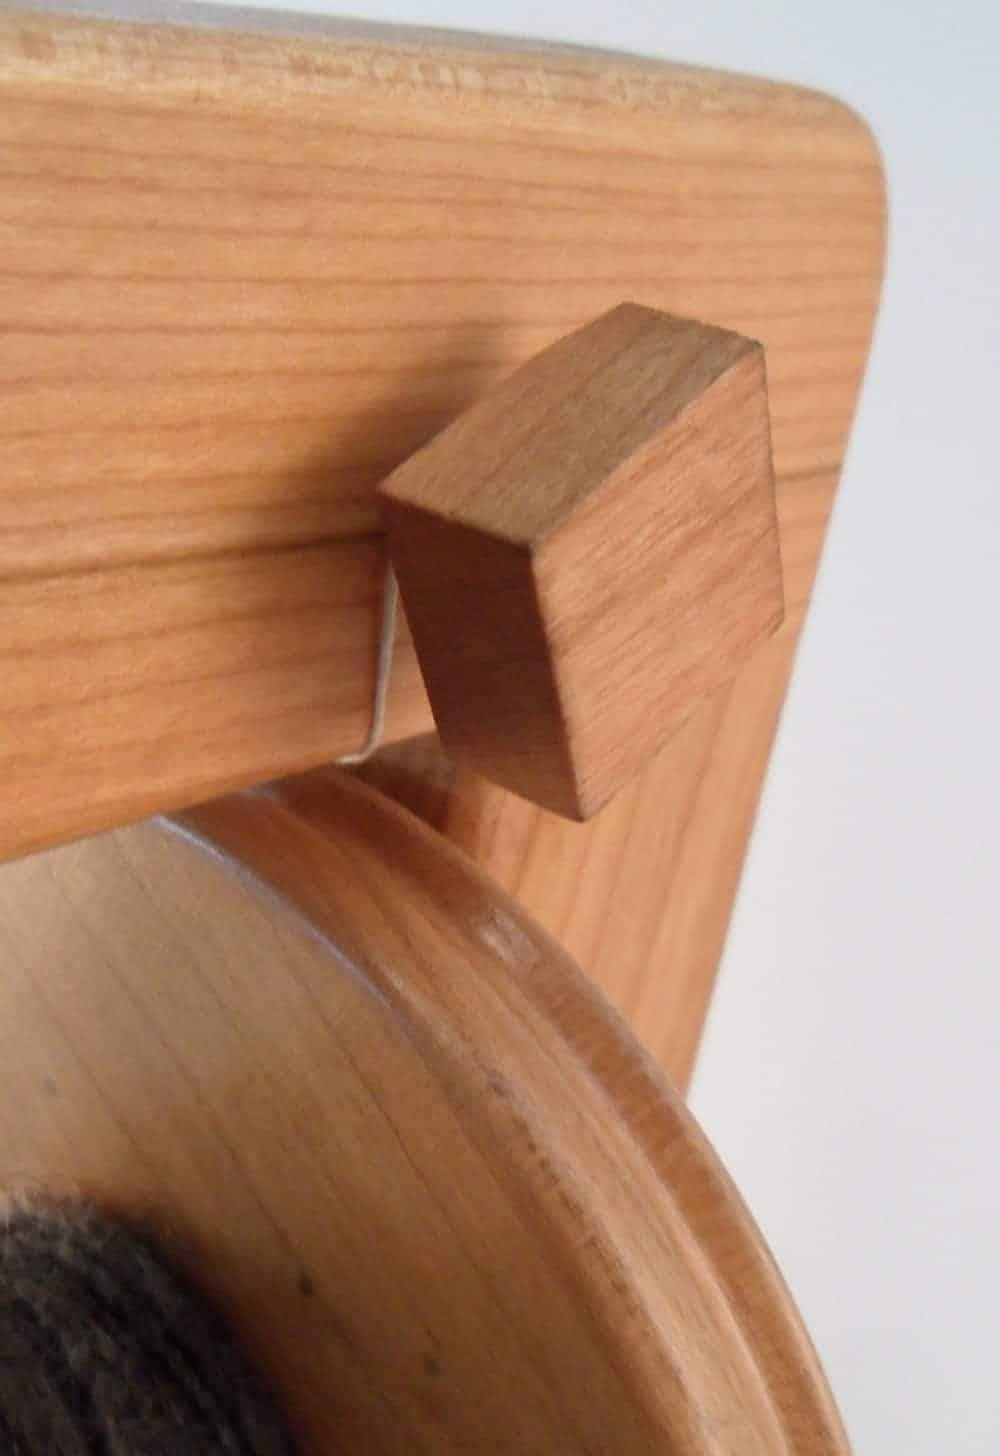 Tension knob